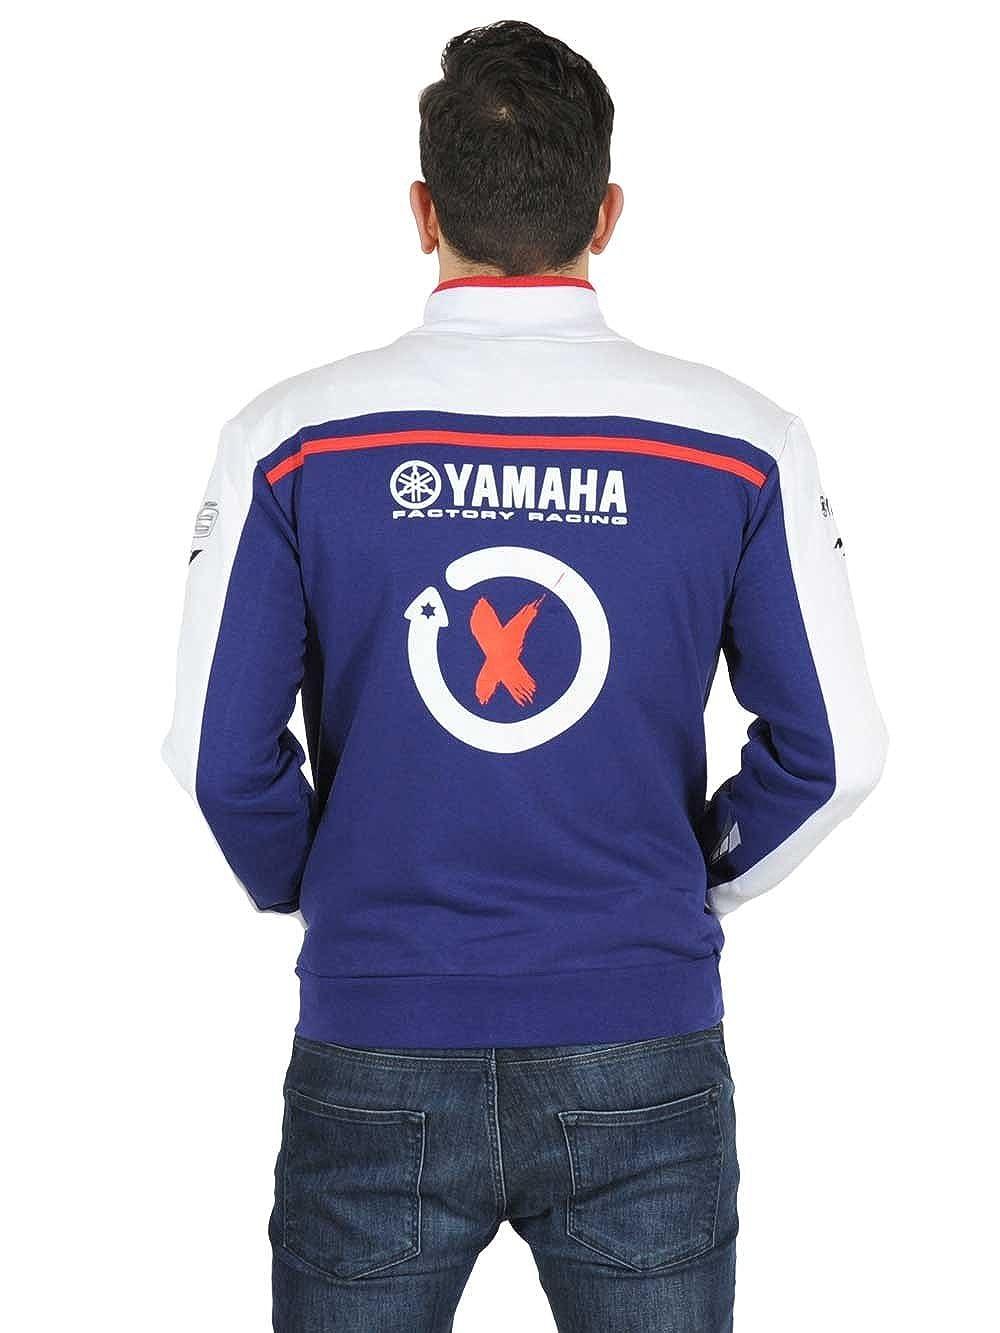 Yamaha Factory Racing Jorge Lorenzo JL99 - Sudadera - para Hombre Azul/Blanco XXL: Amazon.es: Ropa y accesorios